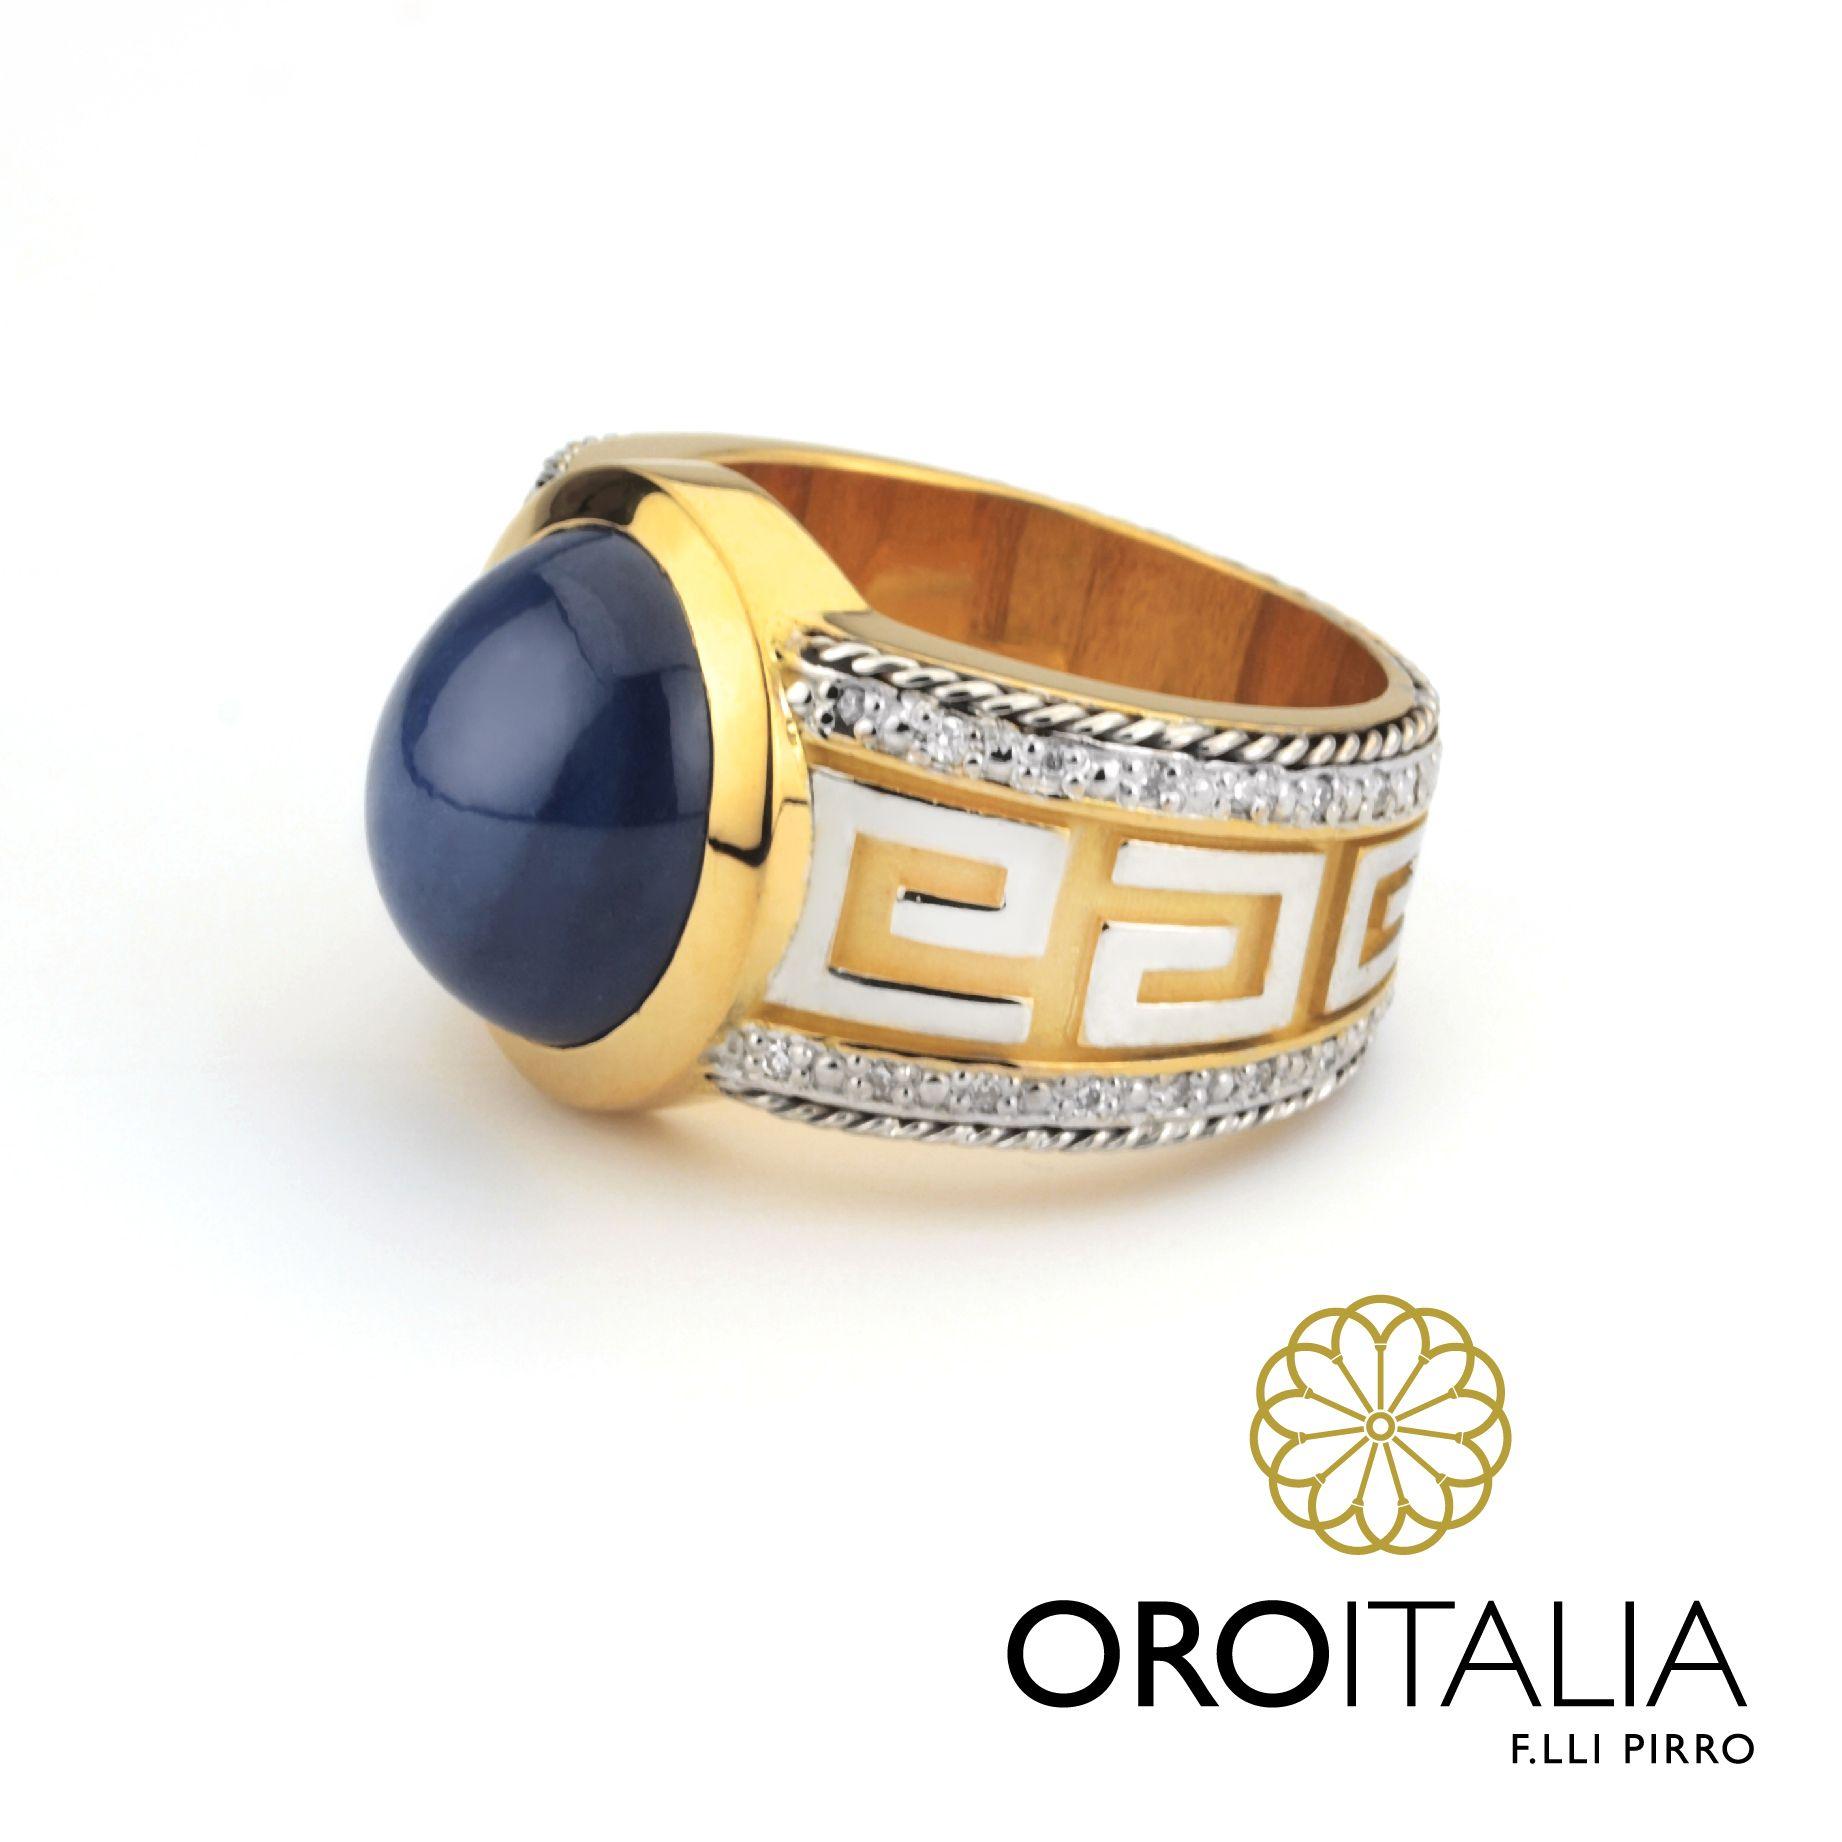 9260fd400c04 Anillo de zafiro estrella y diamantes en oro blanco y amarillo de 18kt  confeccionado para un cliente por pedido especial. Para más información  sobre nuestro ...